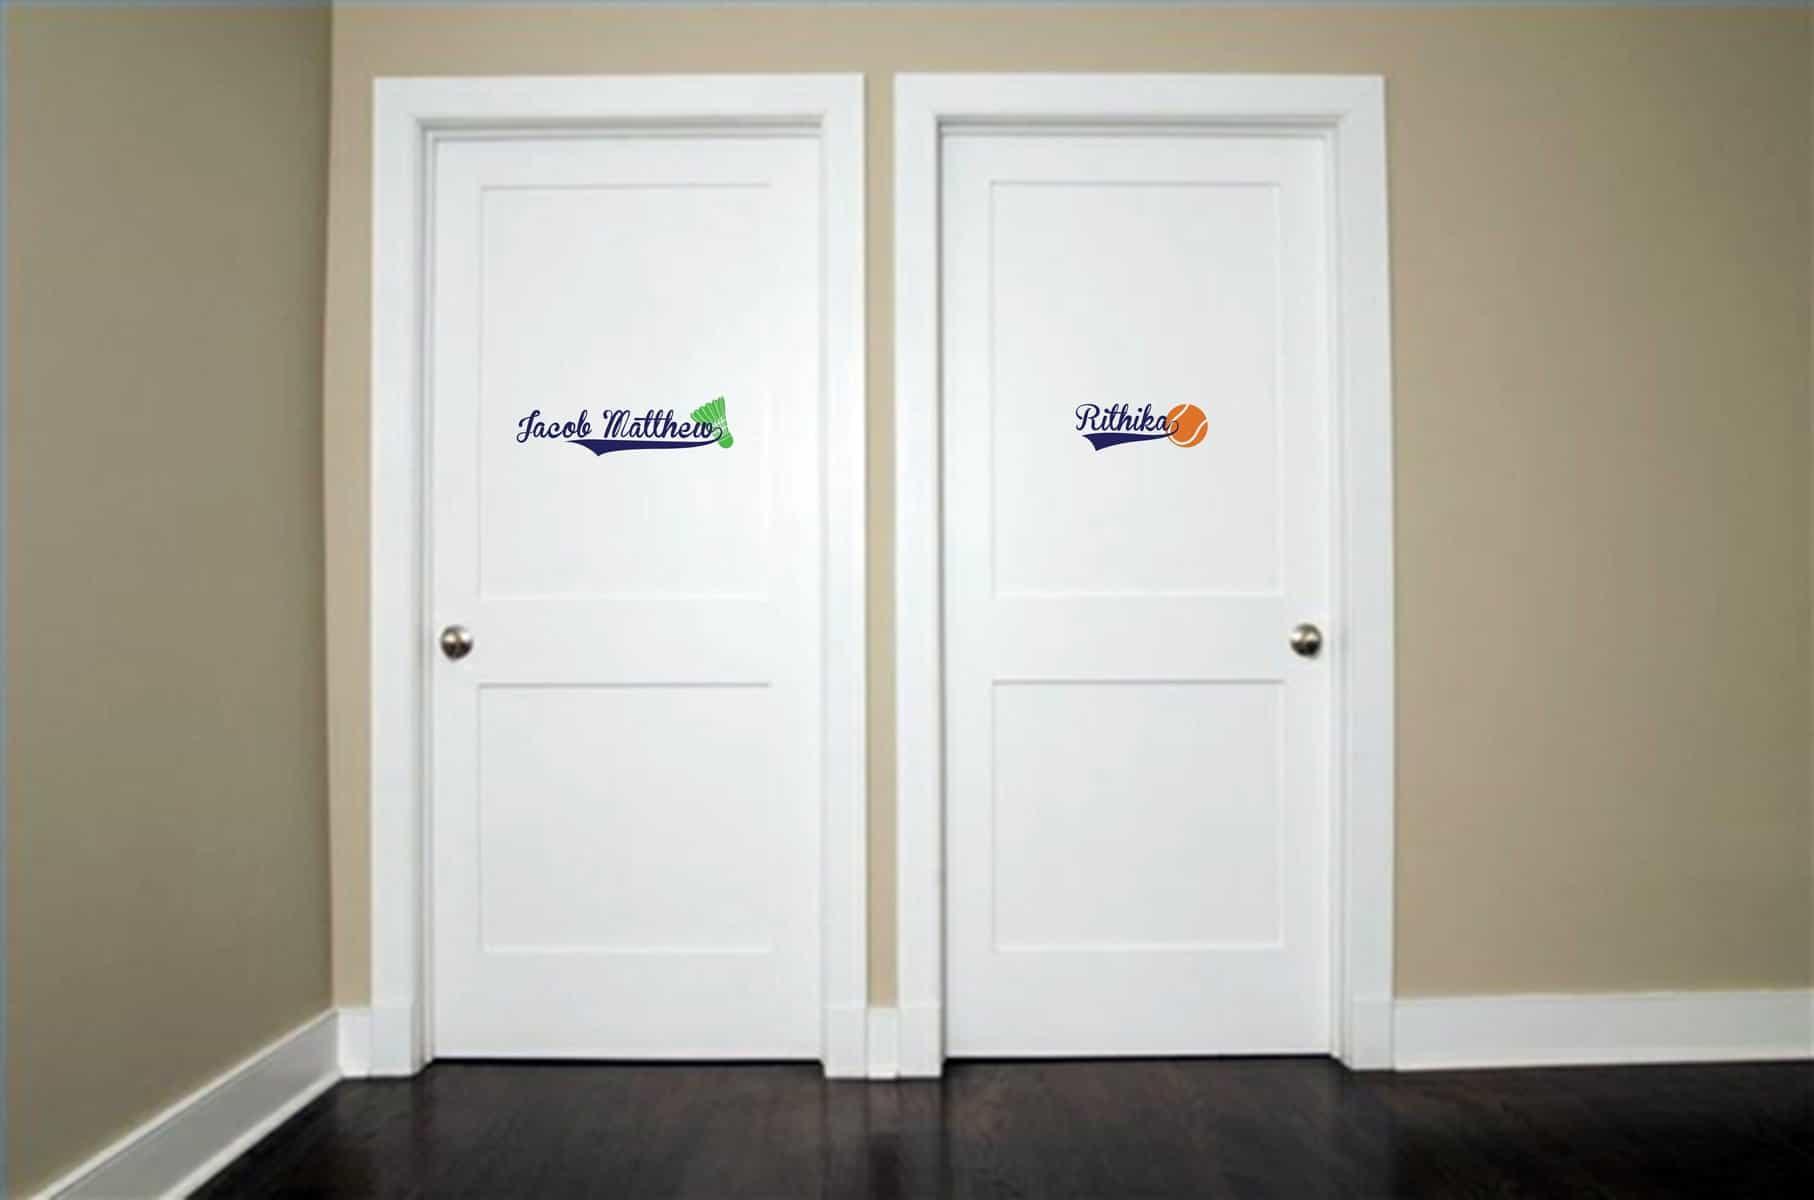 Sporty Space Door room decal